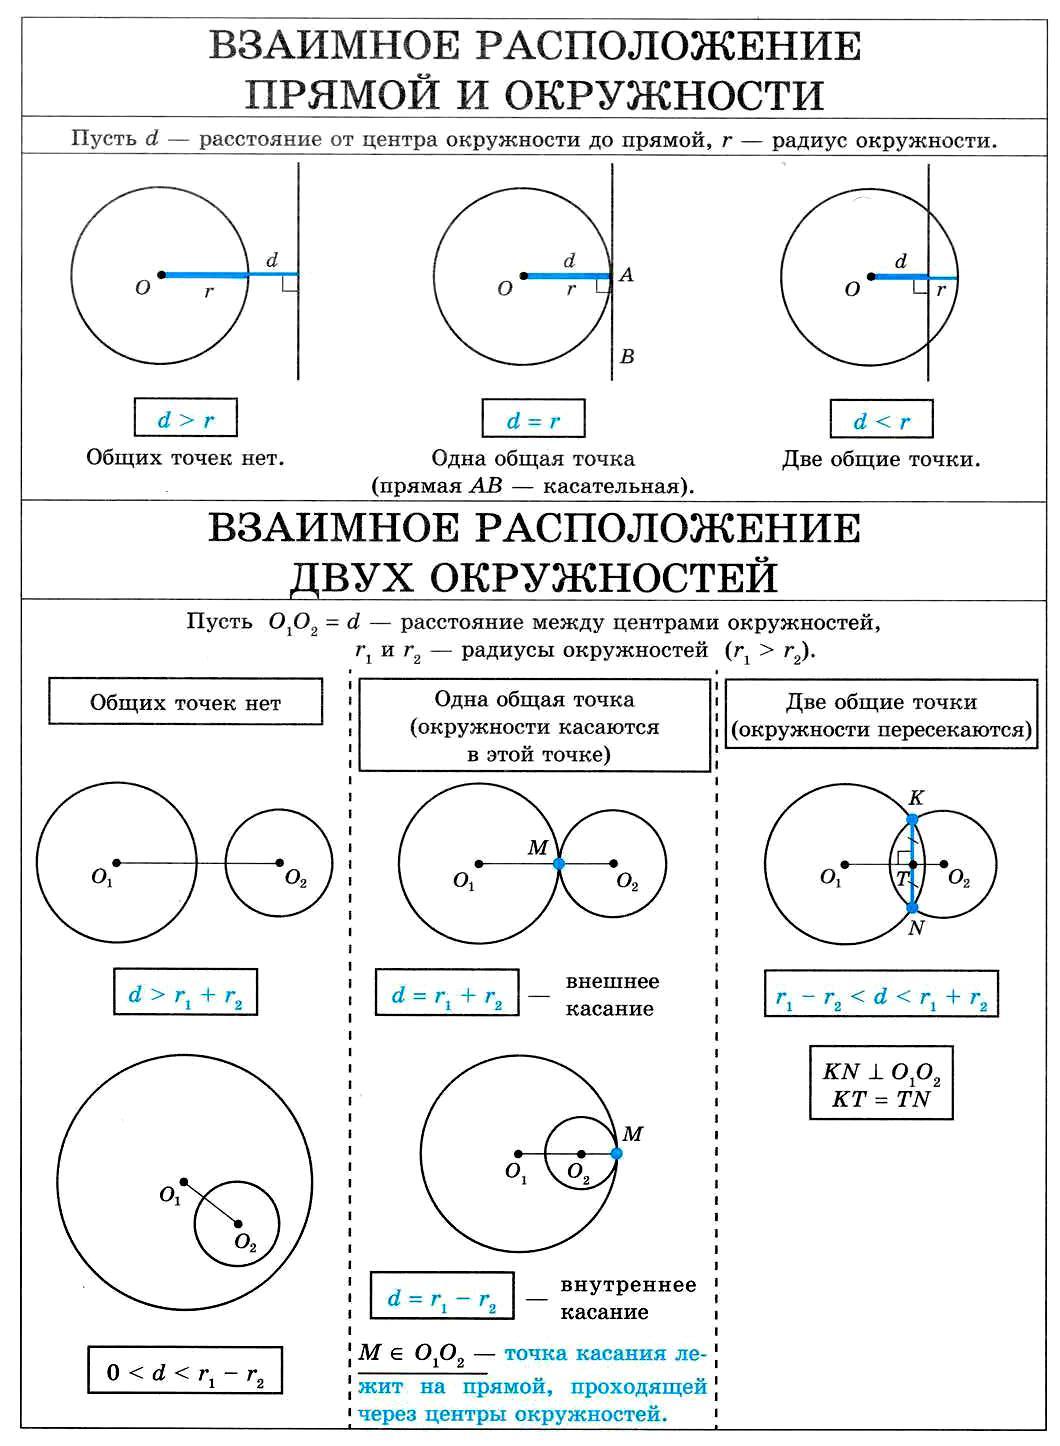 Взаимное расположение прямой и окружности. Взаимное расположение двух окружностей.